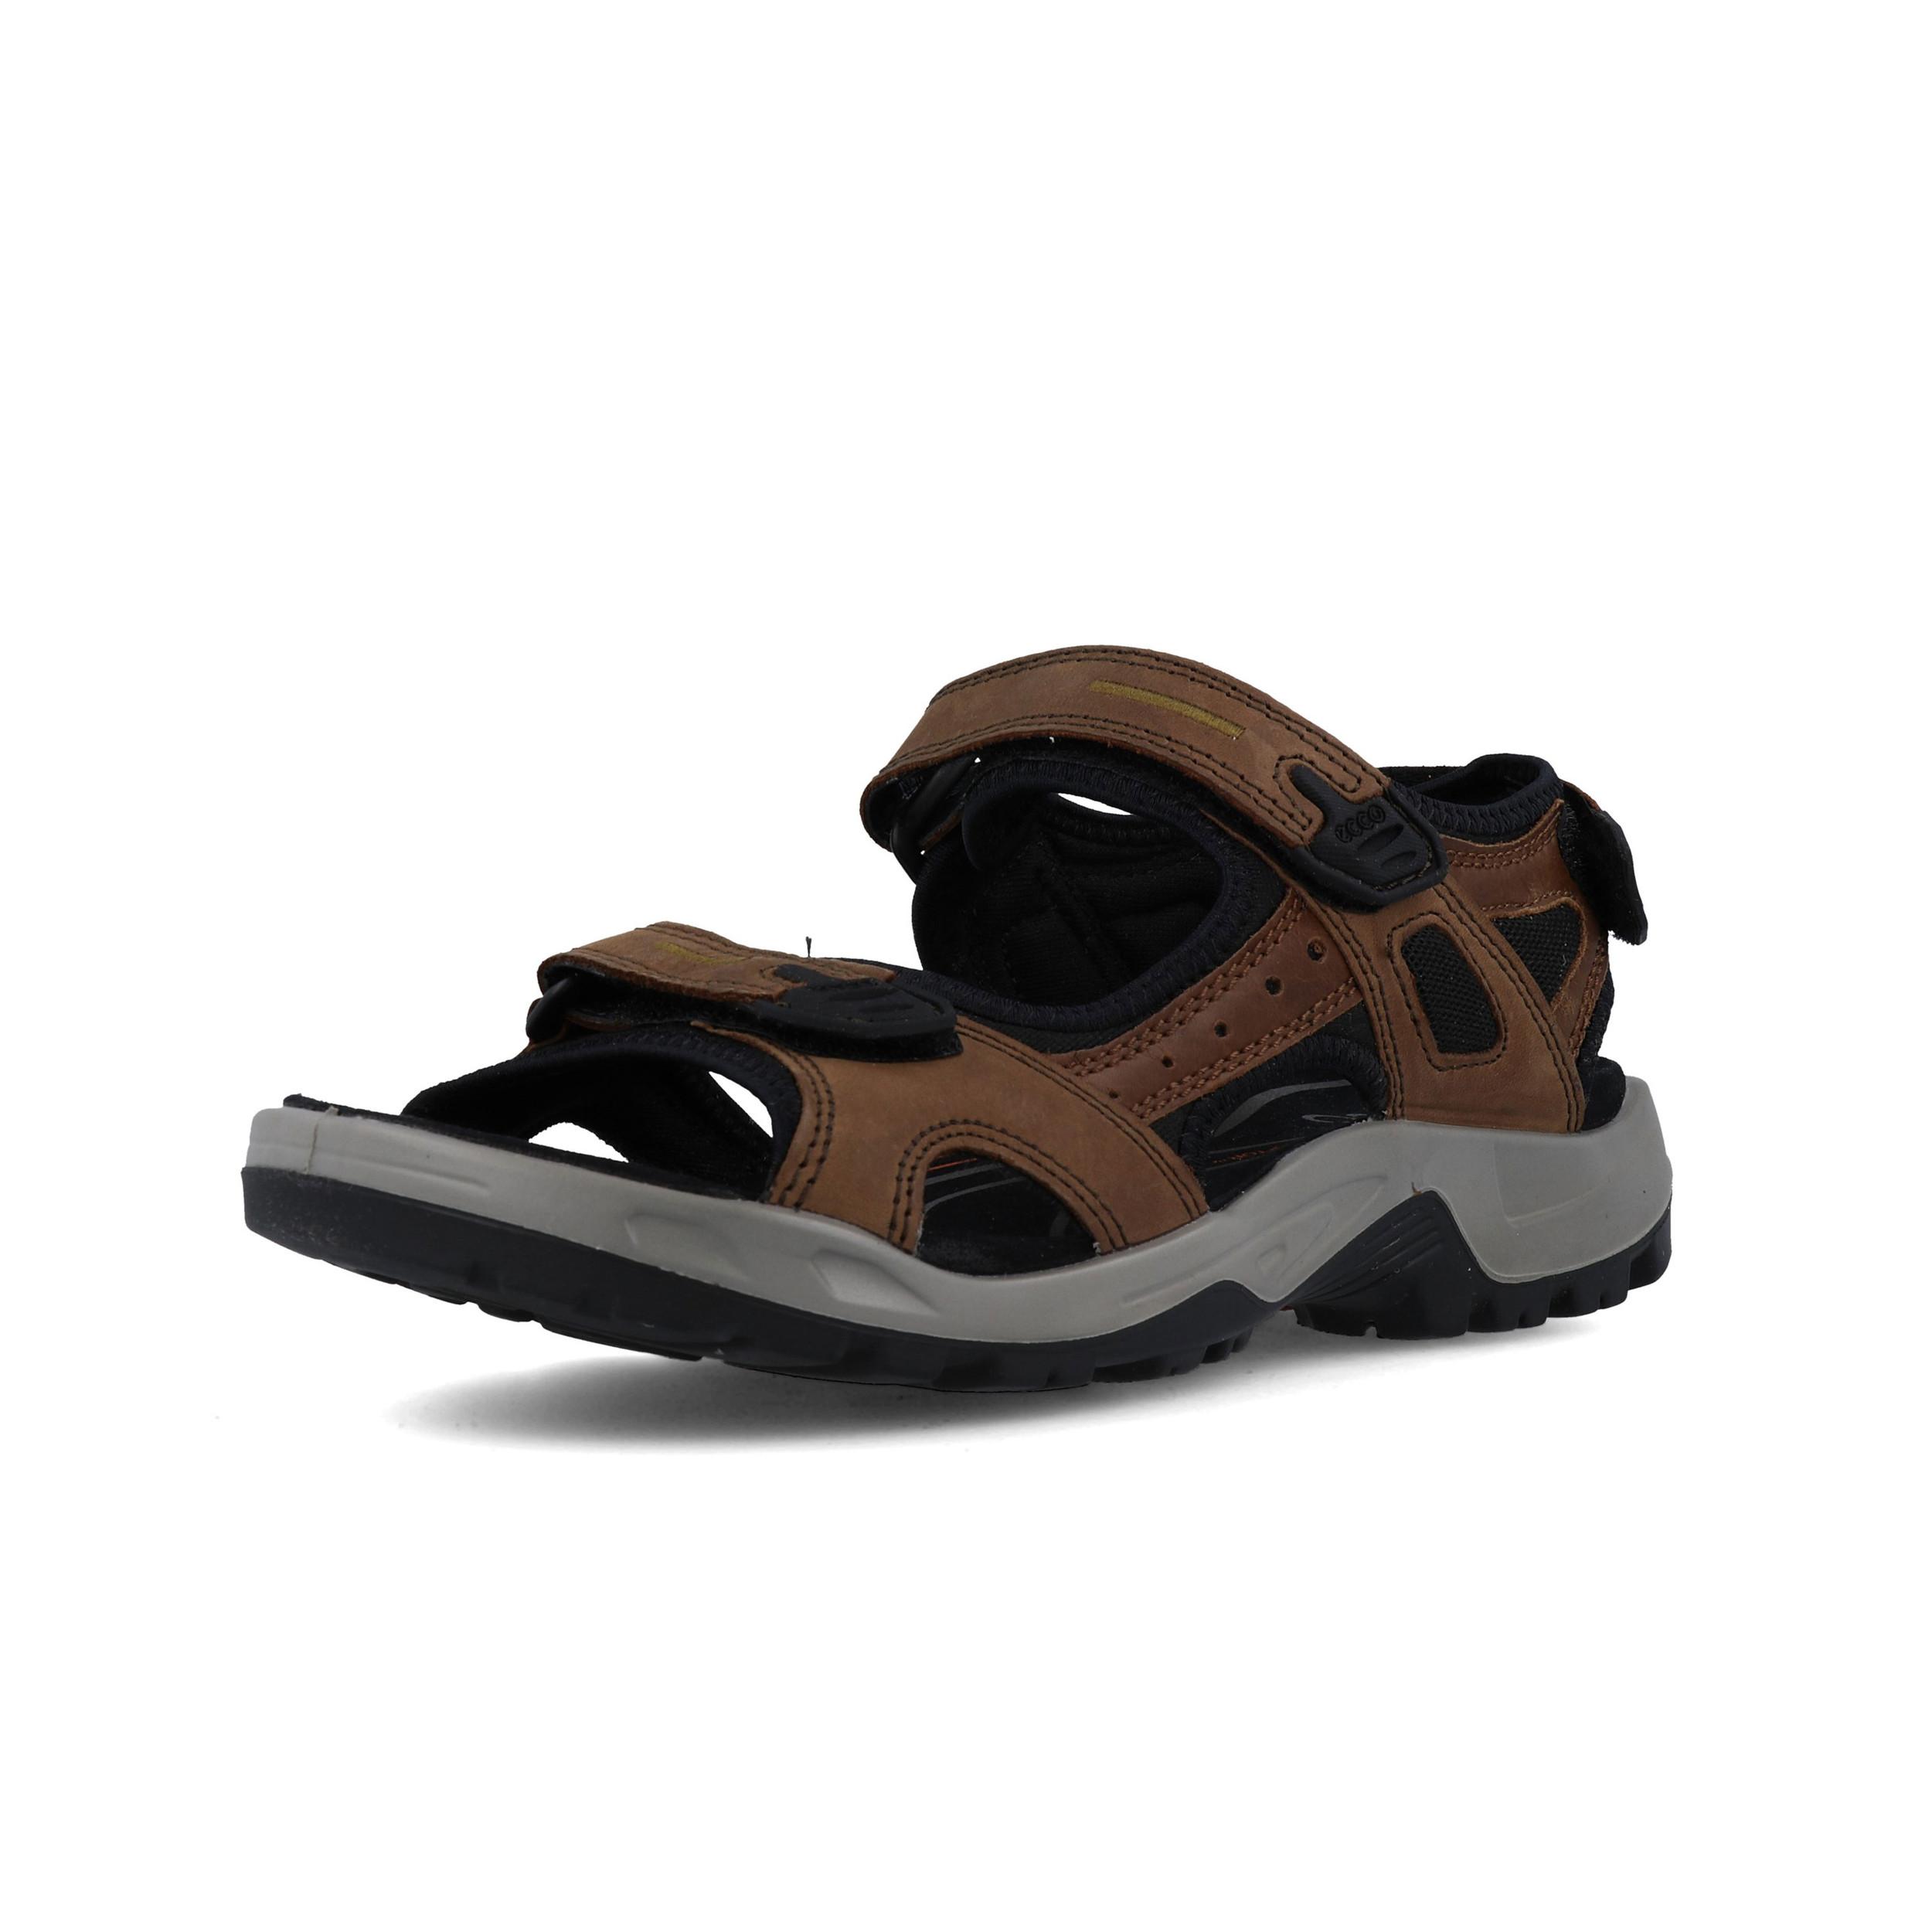 ECCO HERREN SUPER Sandalen Outdoor Trekking Schuhe! LEDER! TOP ZUSTAND!!! Gr.46